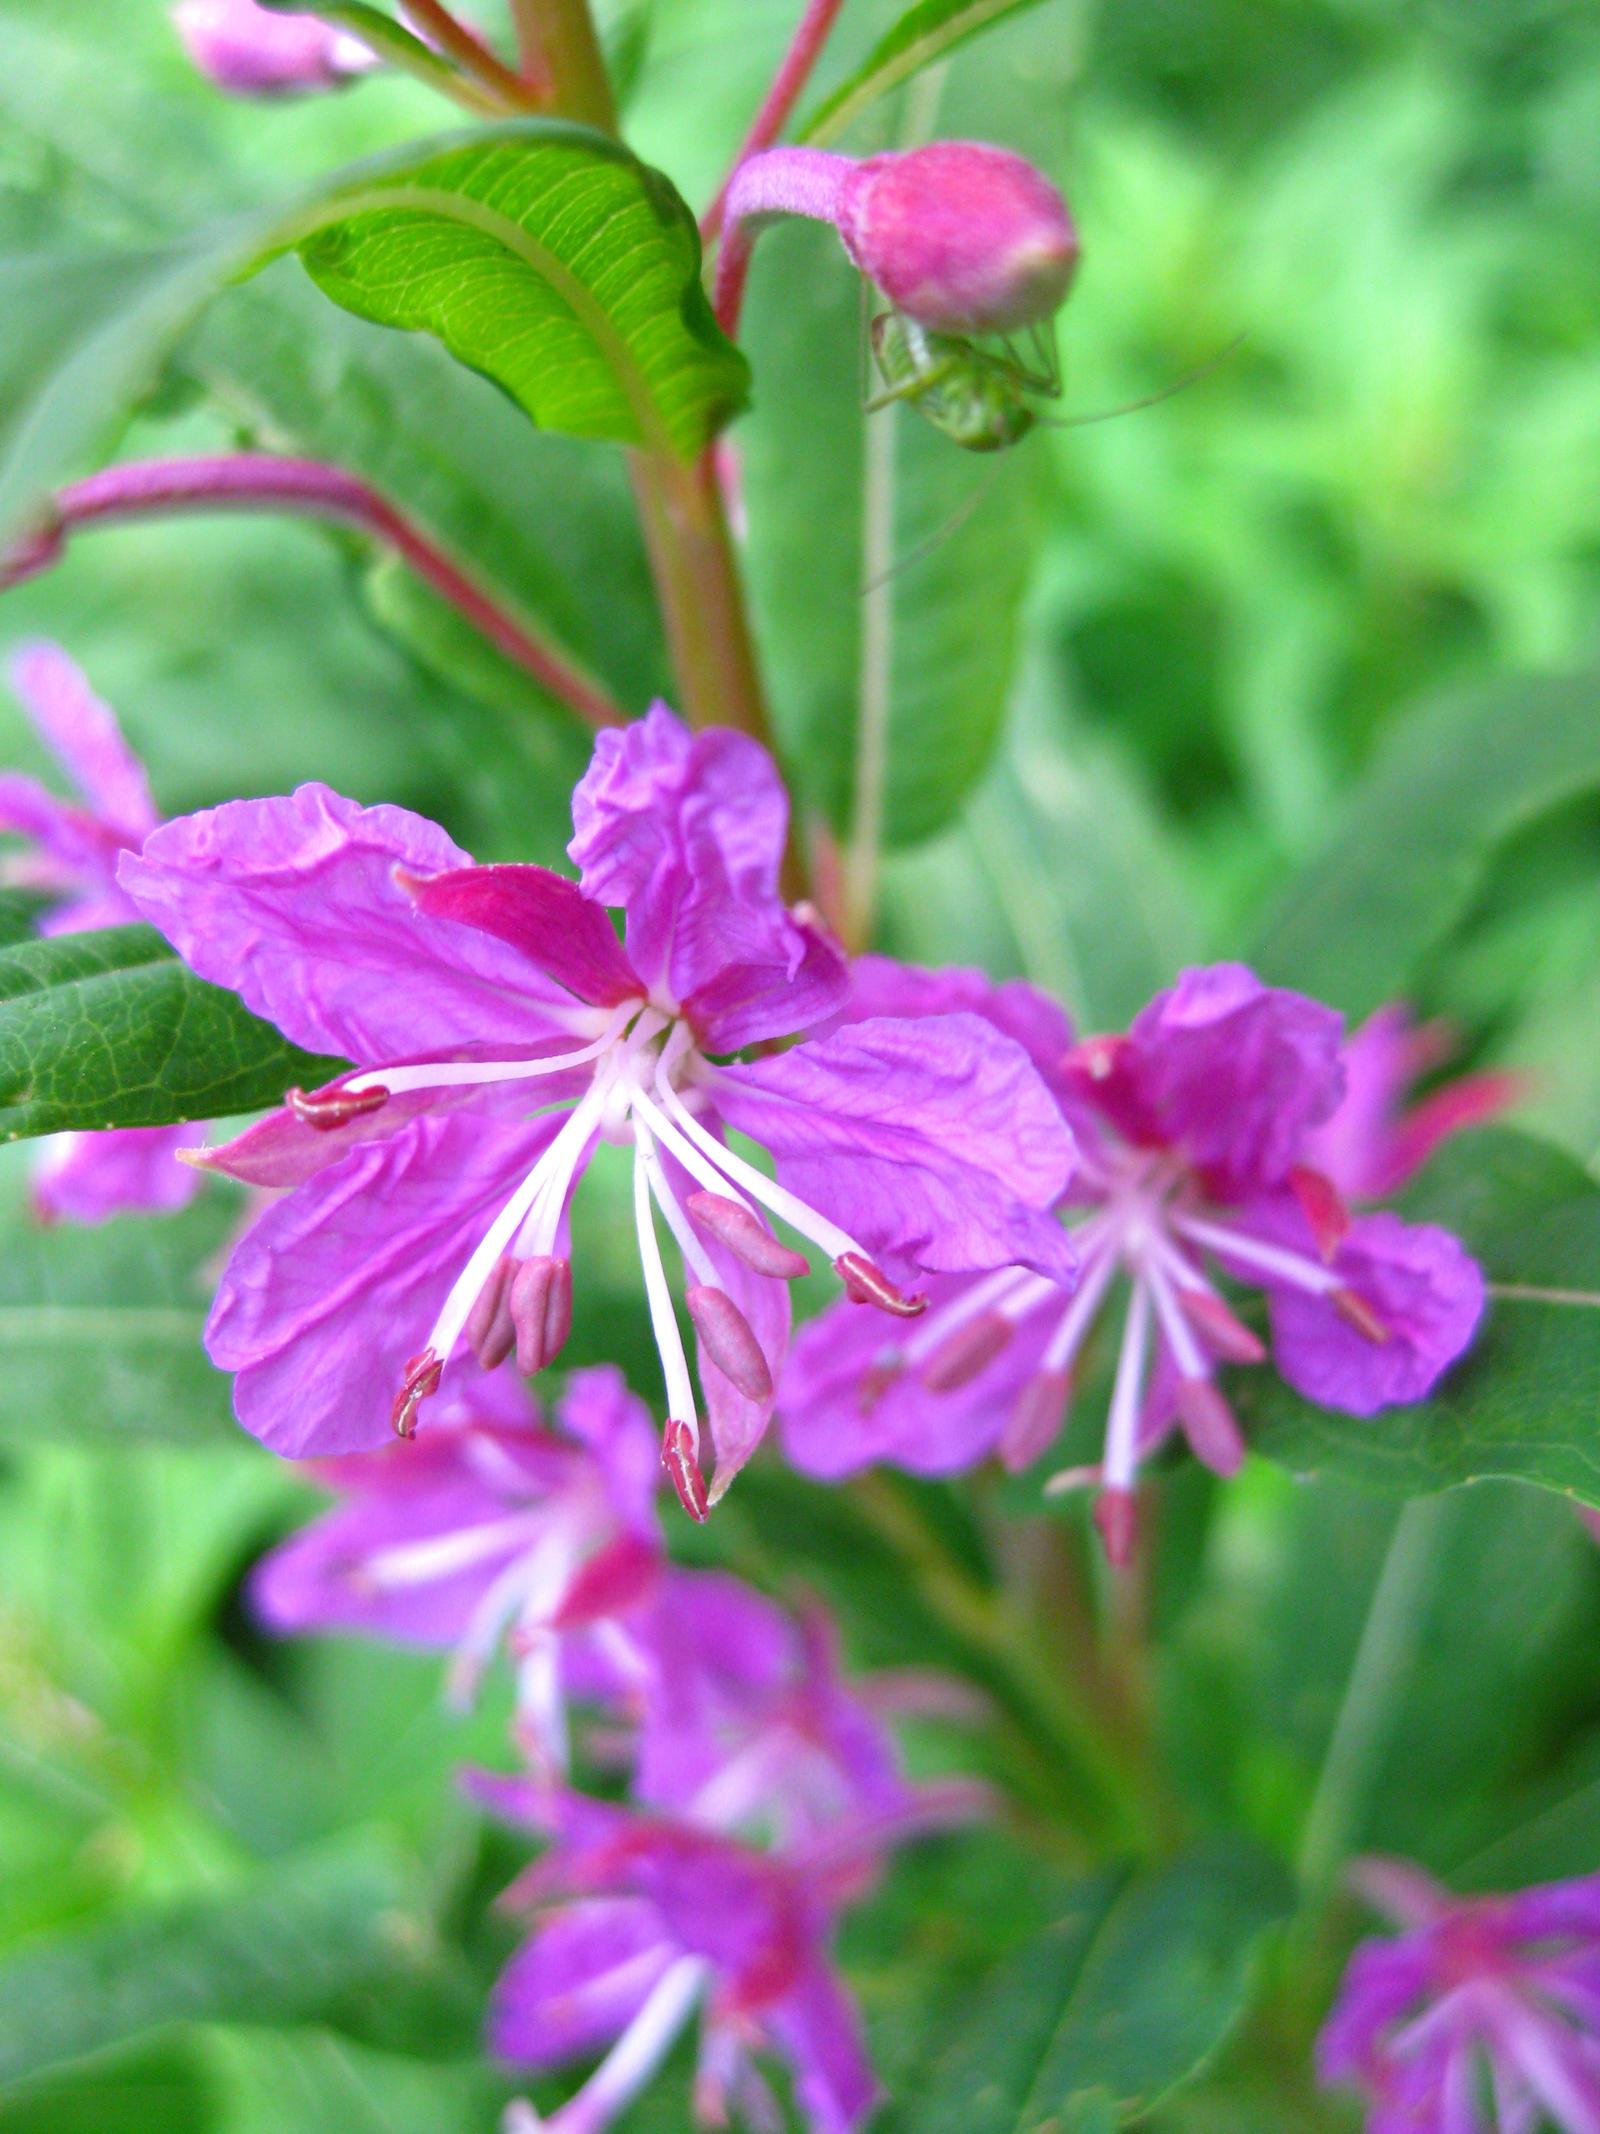 Purple-Violet Unknown Flower #2